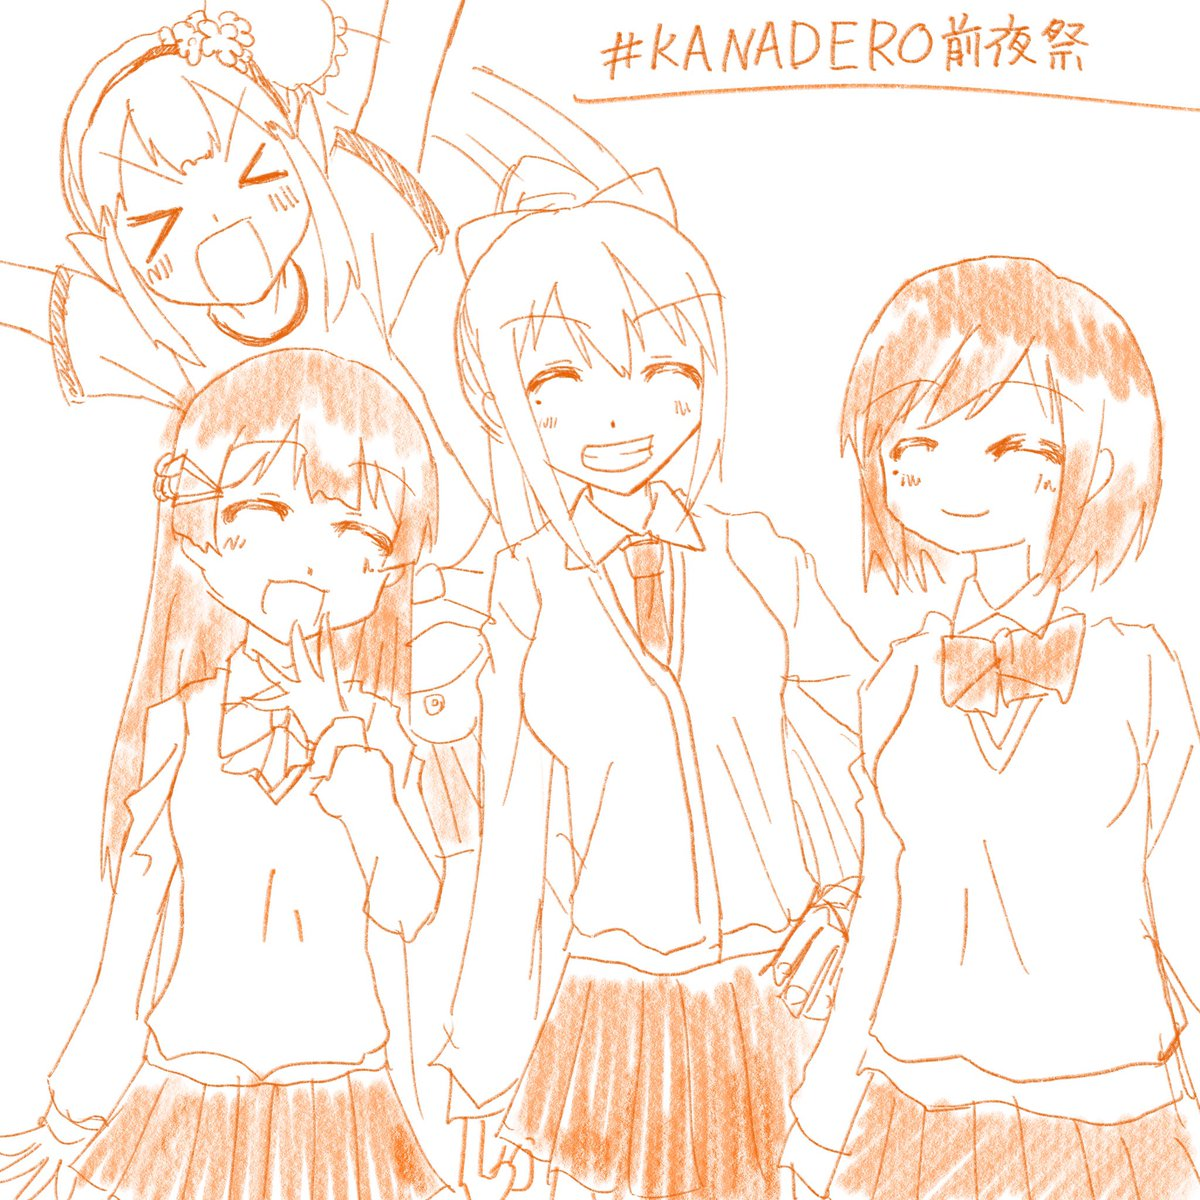 はちみつ's photo on #KANADERO前夜祭